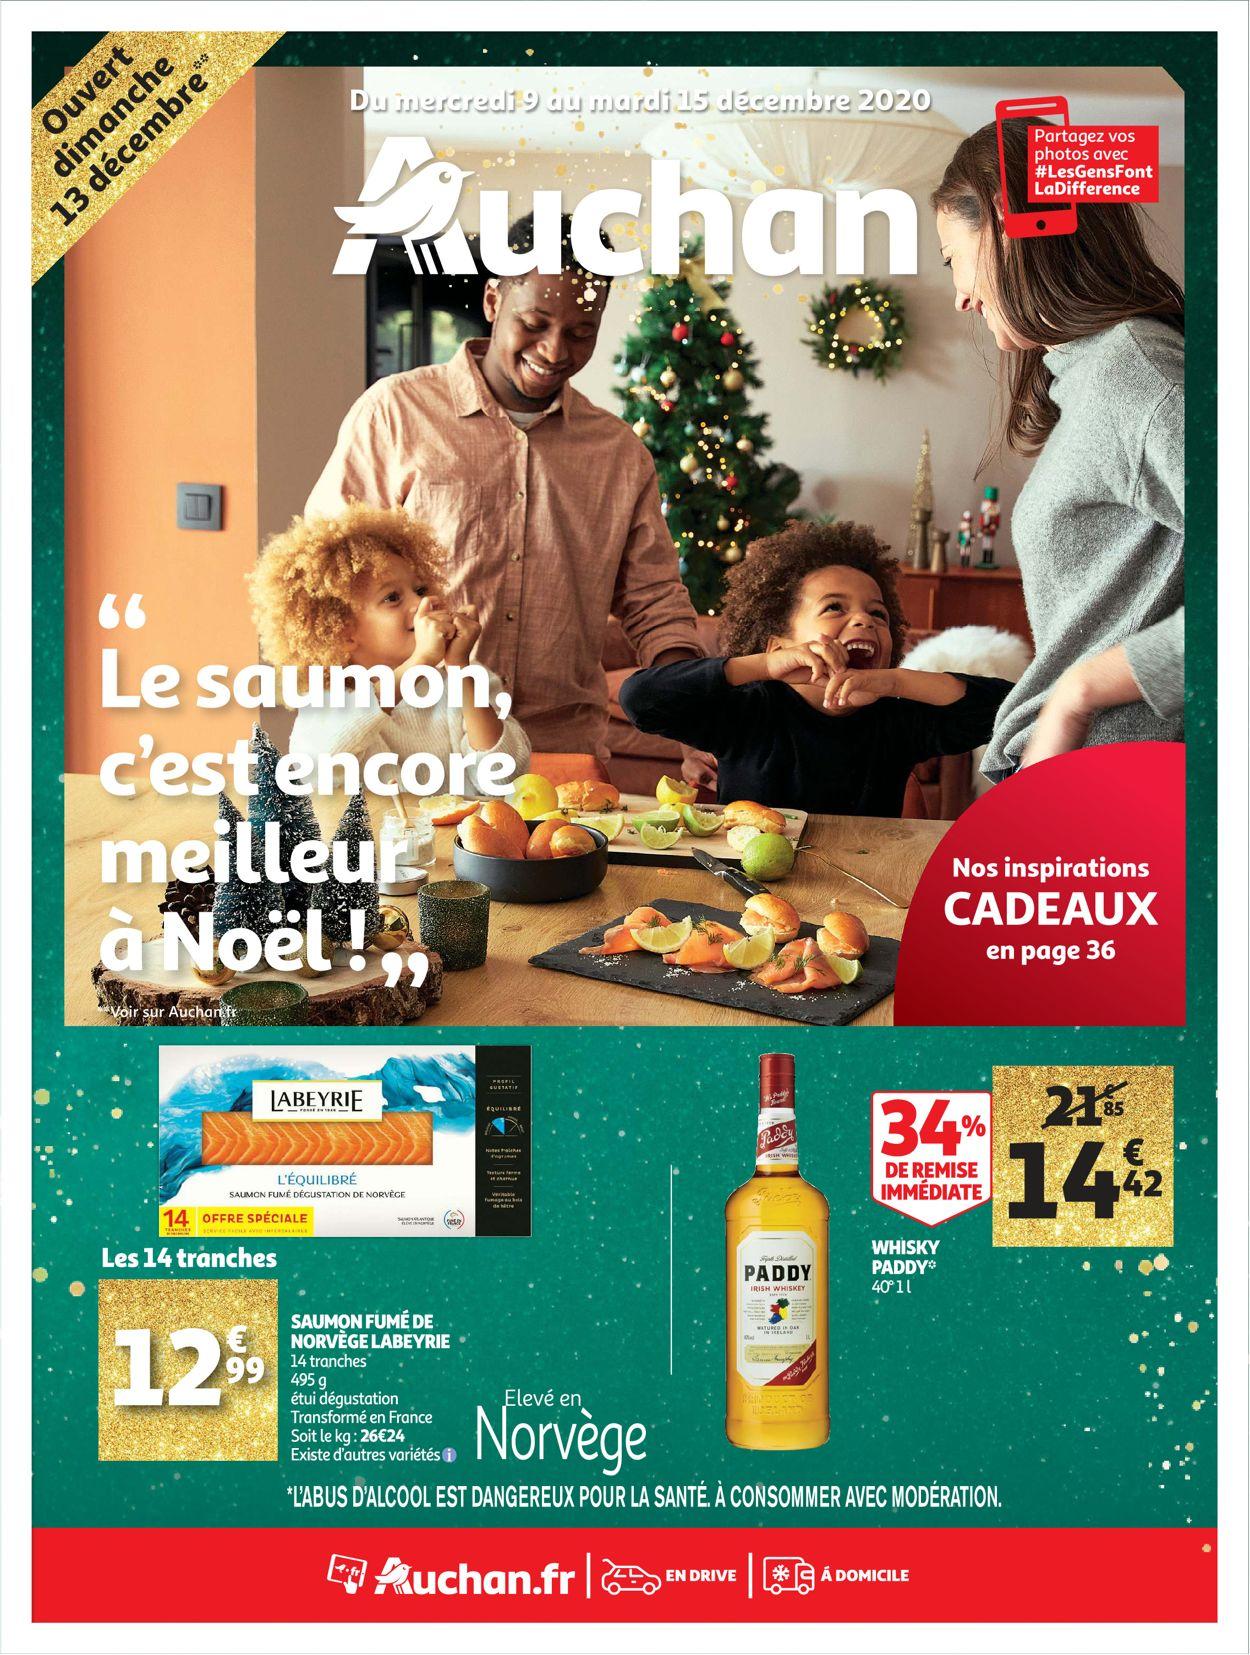 Auchan Noël 2020 Catalogue - 09.12-15.12.2020